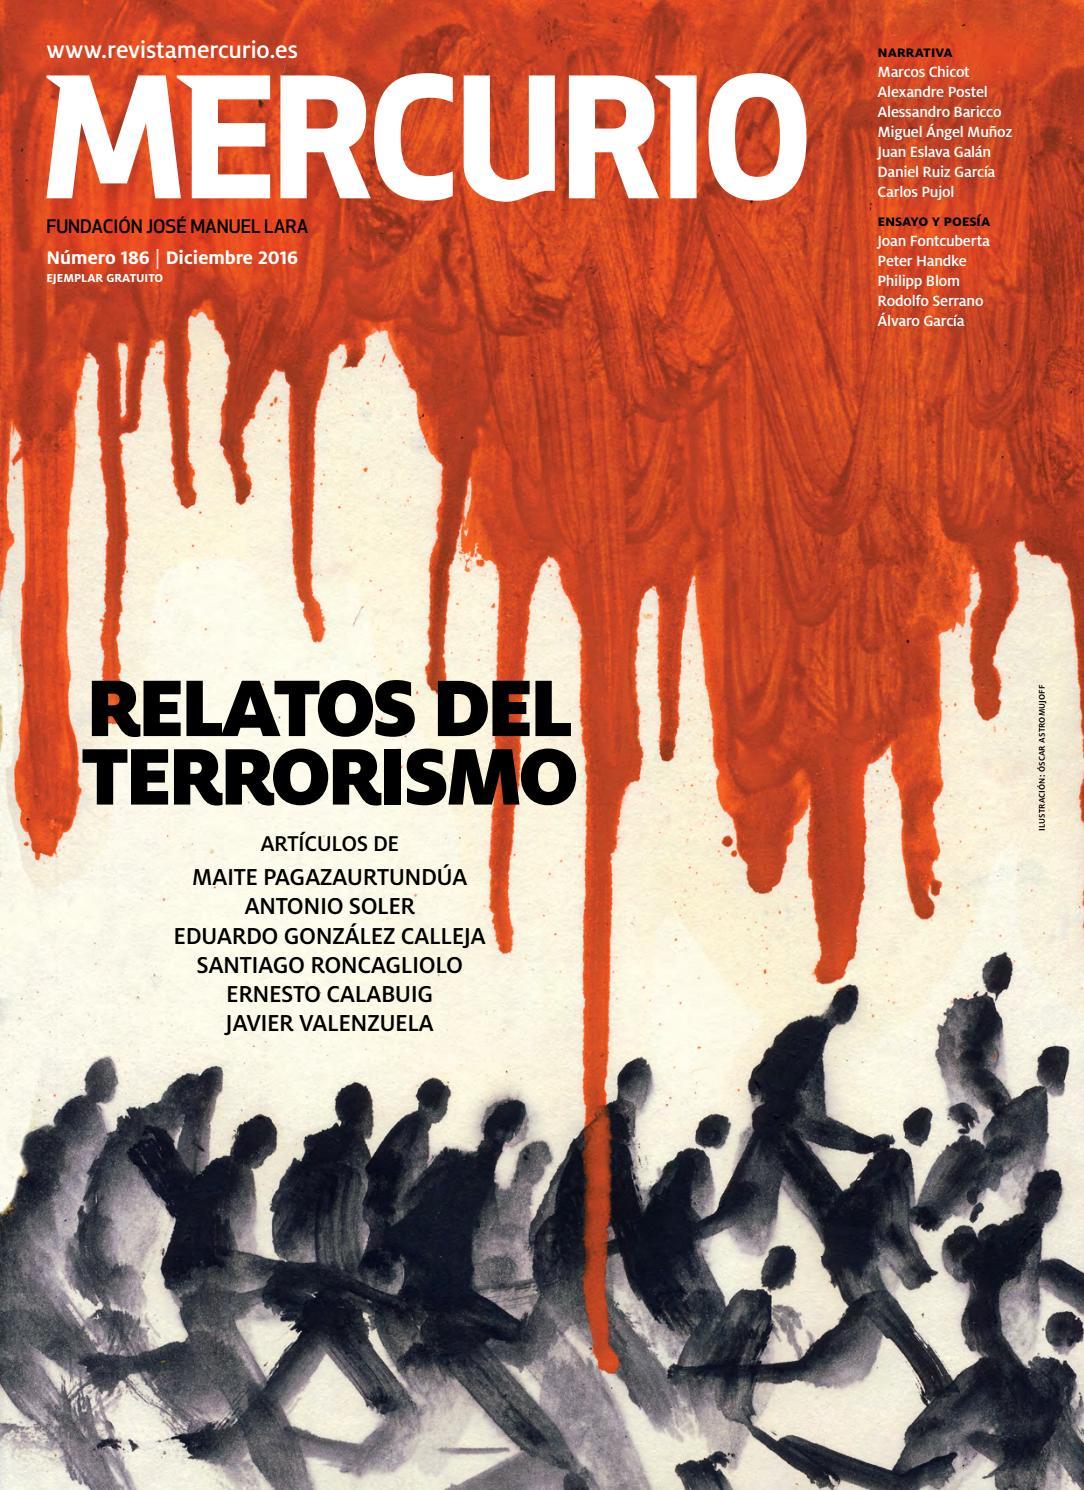 Mercurio 186. Diciembre 2016 by Revista Mercurio - issuu